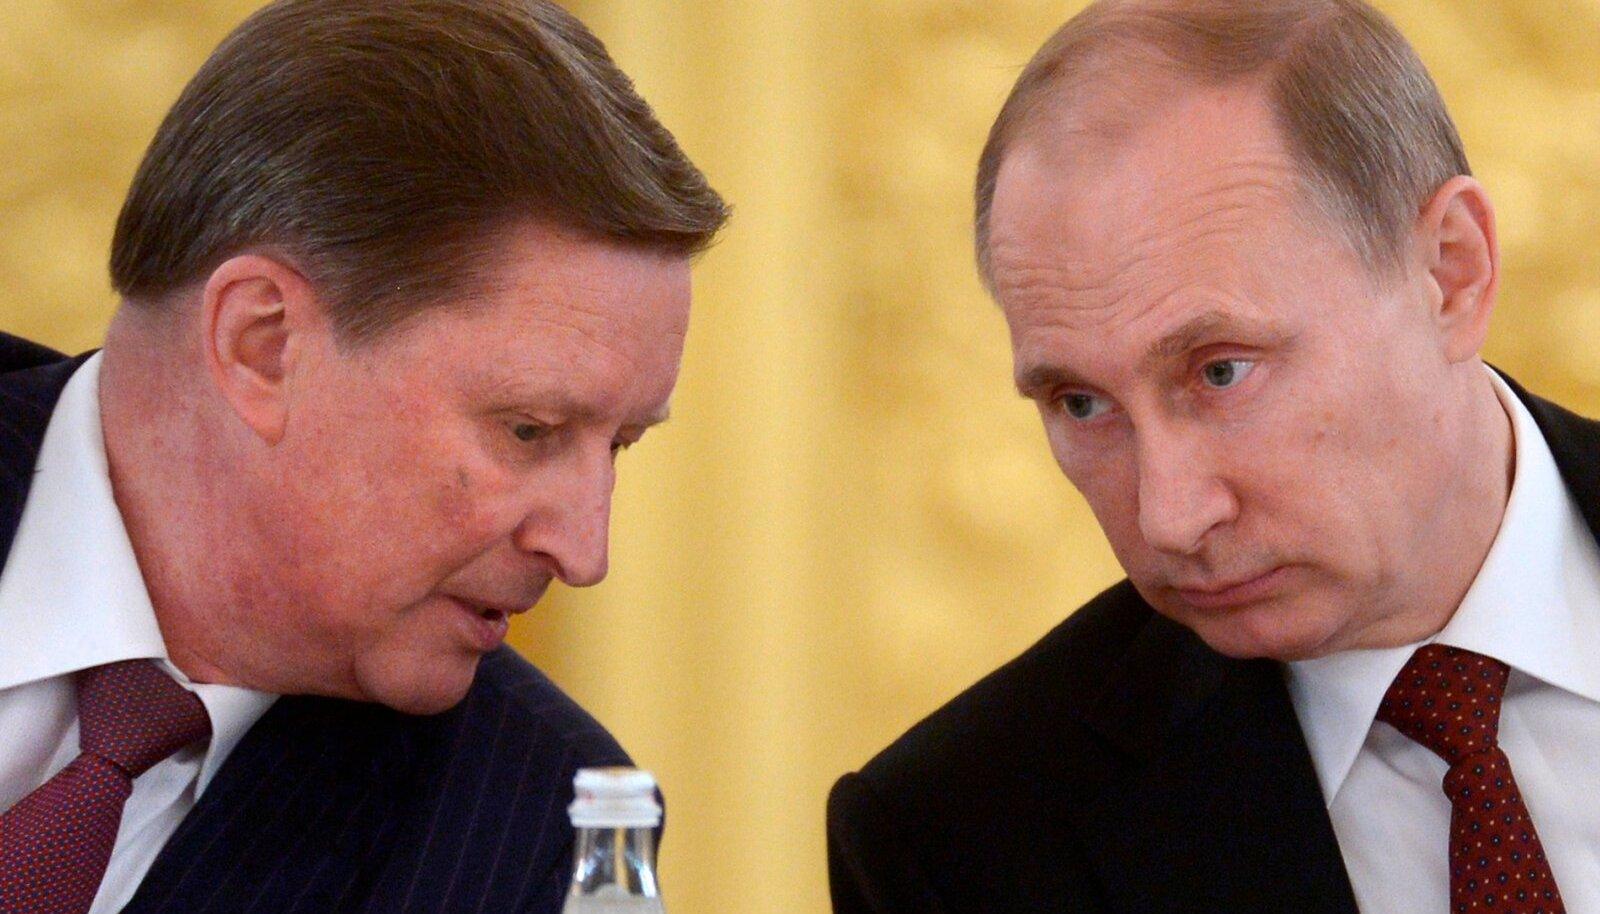 KES ON KES? Sergei Ivanov on lukksepp Kiviõli keemiatööstuses, tema KGBs töötanud nimekaim (pildil vasakul) aga Venemaa endine kaitseminister, asepeaminister oma sõbra Vladimir Putini (paremal) teises valitsuses ning presidendi administratsiooni juht. Praegu presidendi eriesindaja looduskaitse, keskkonna ja transpordi alal.